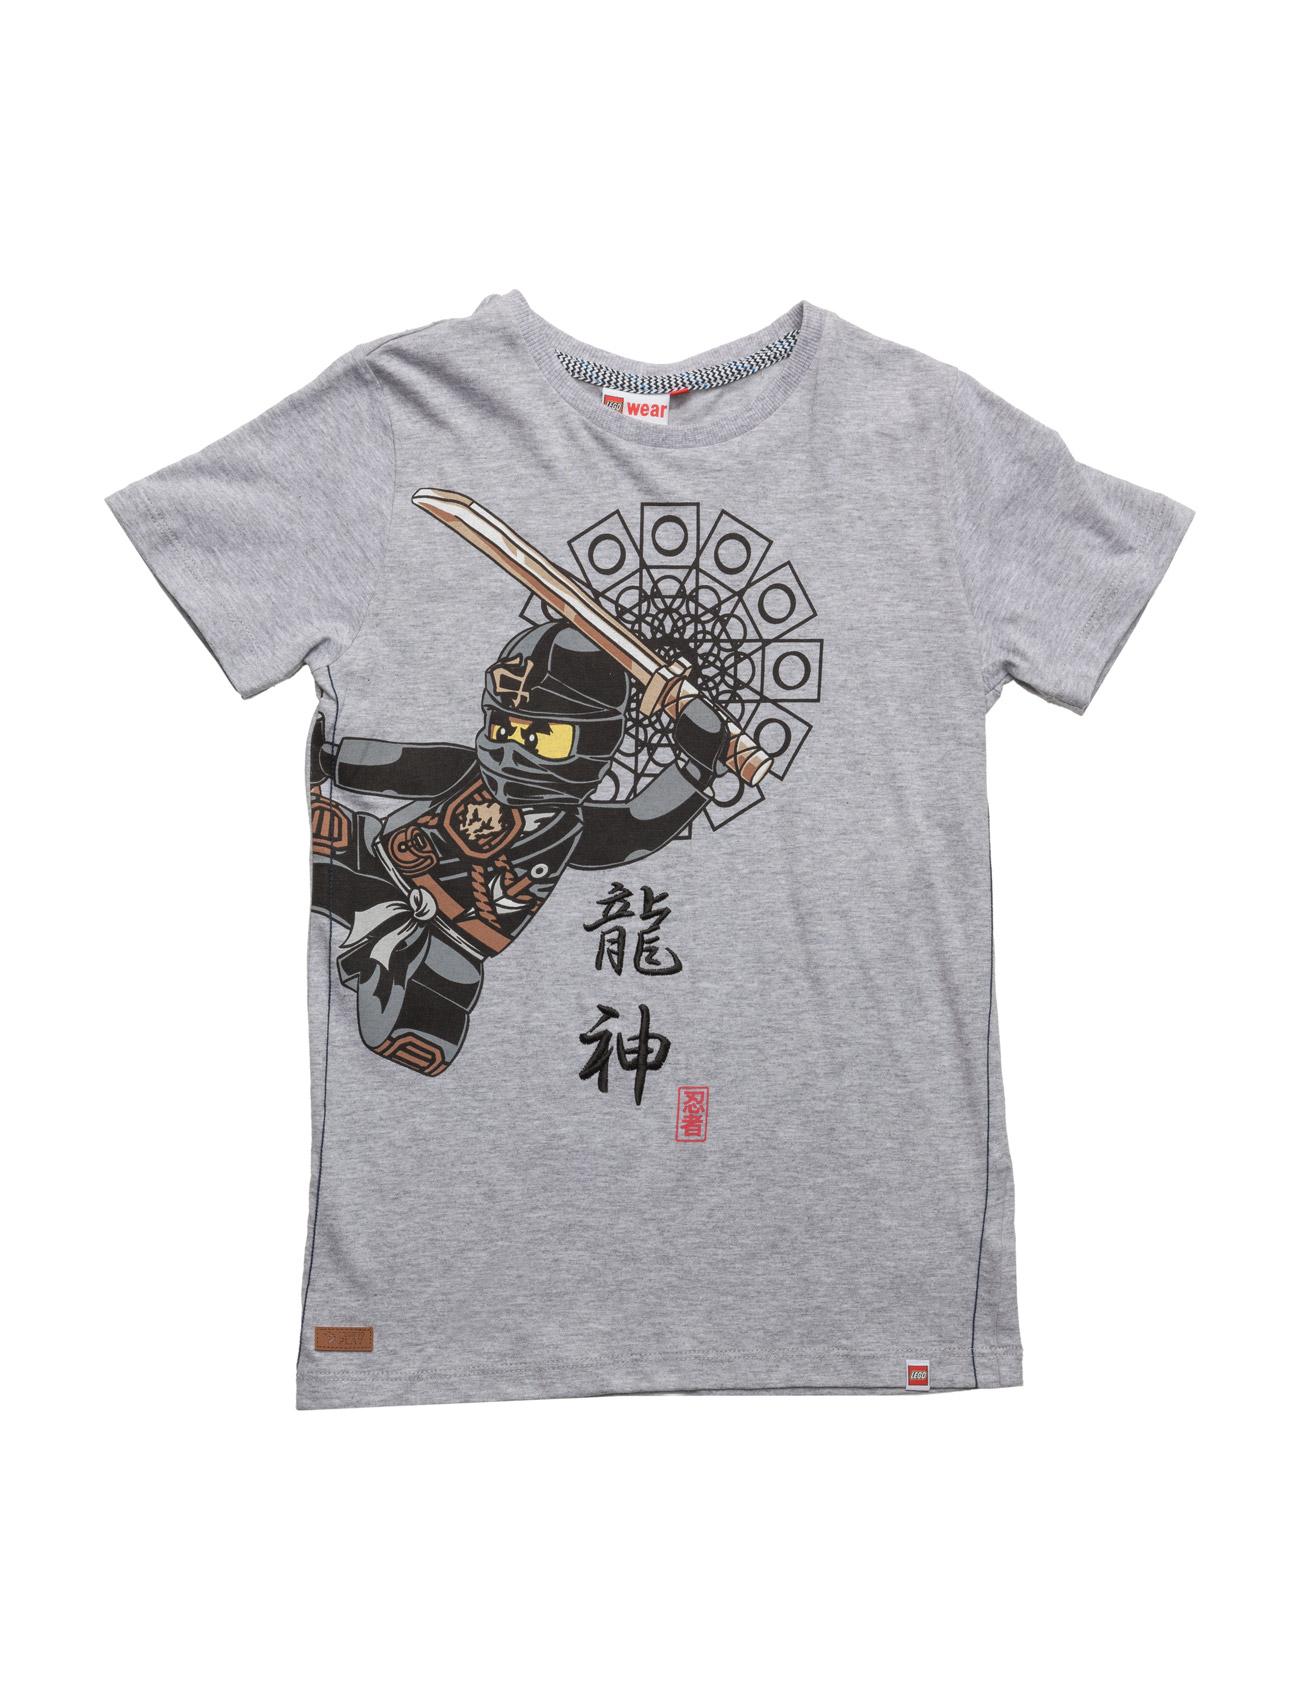 Teo 314 - T-Shirt S/S Lego wear Kortærmede t-shirts til Børn i Grey Melange